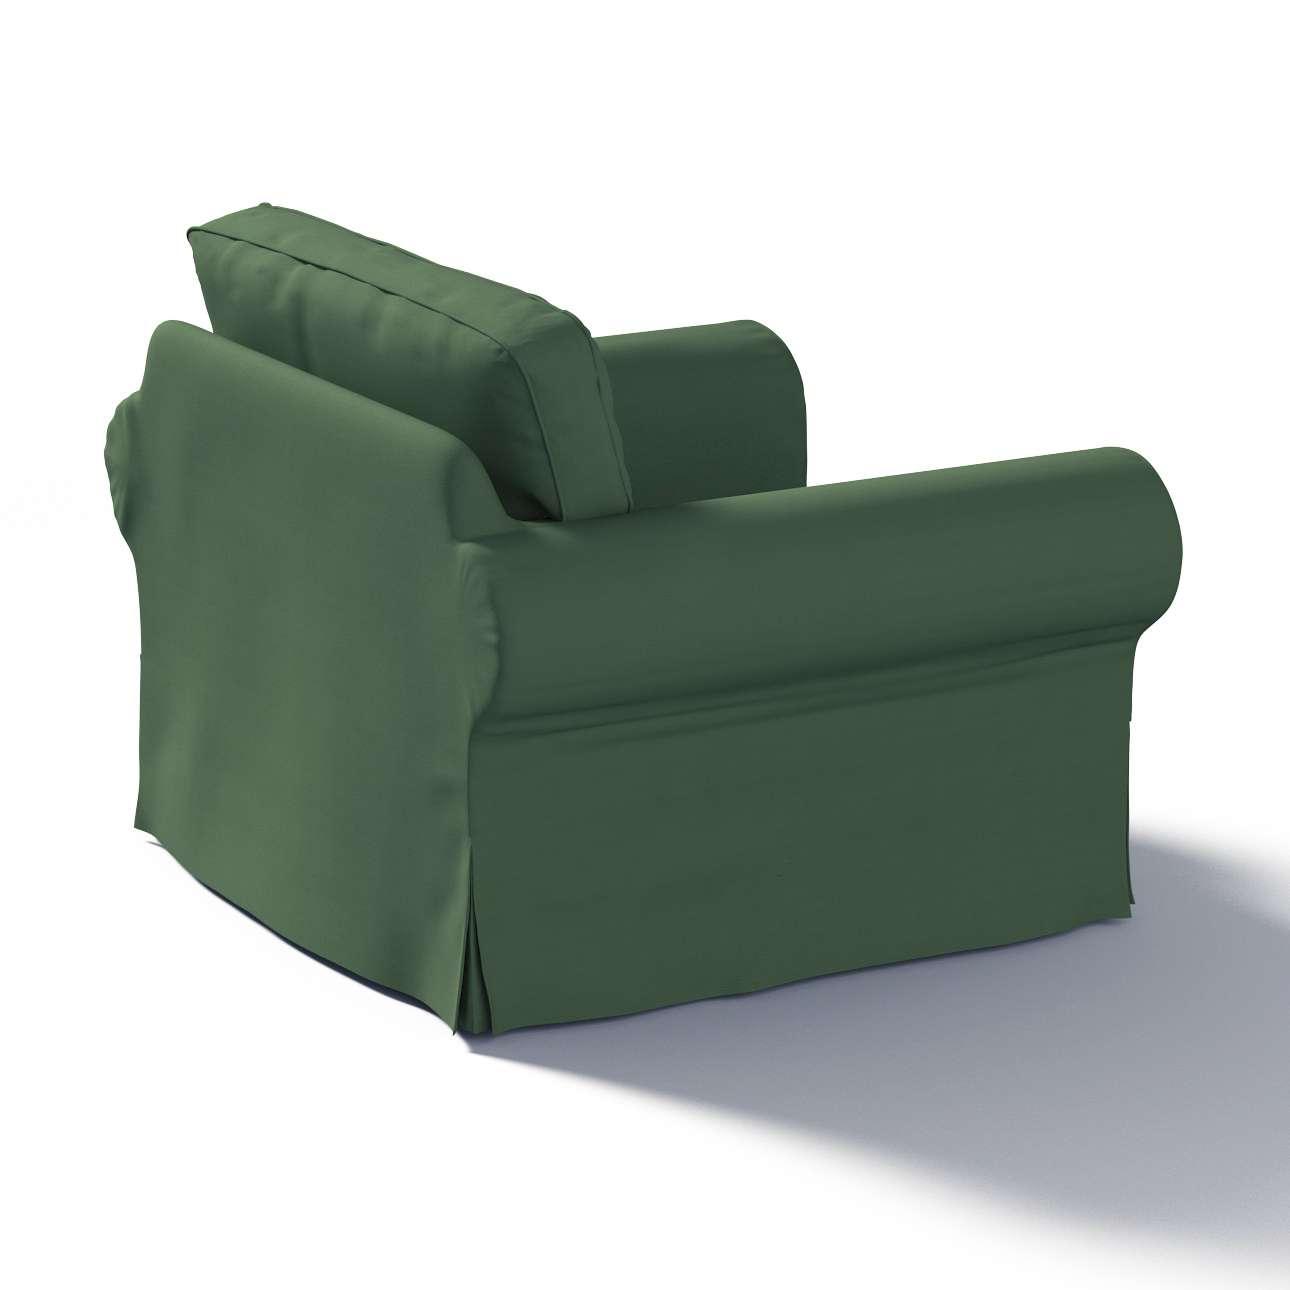 Pokrowiec na fotel Ektorp Fotel Ektorp w kolekcji Cotton Panama, tkanina: 702-06